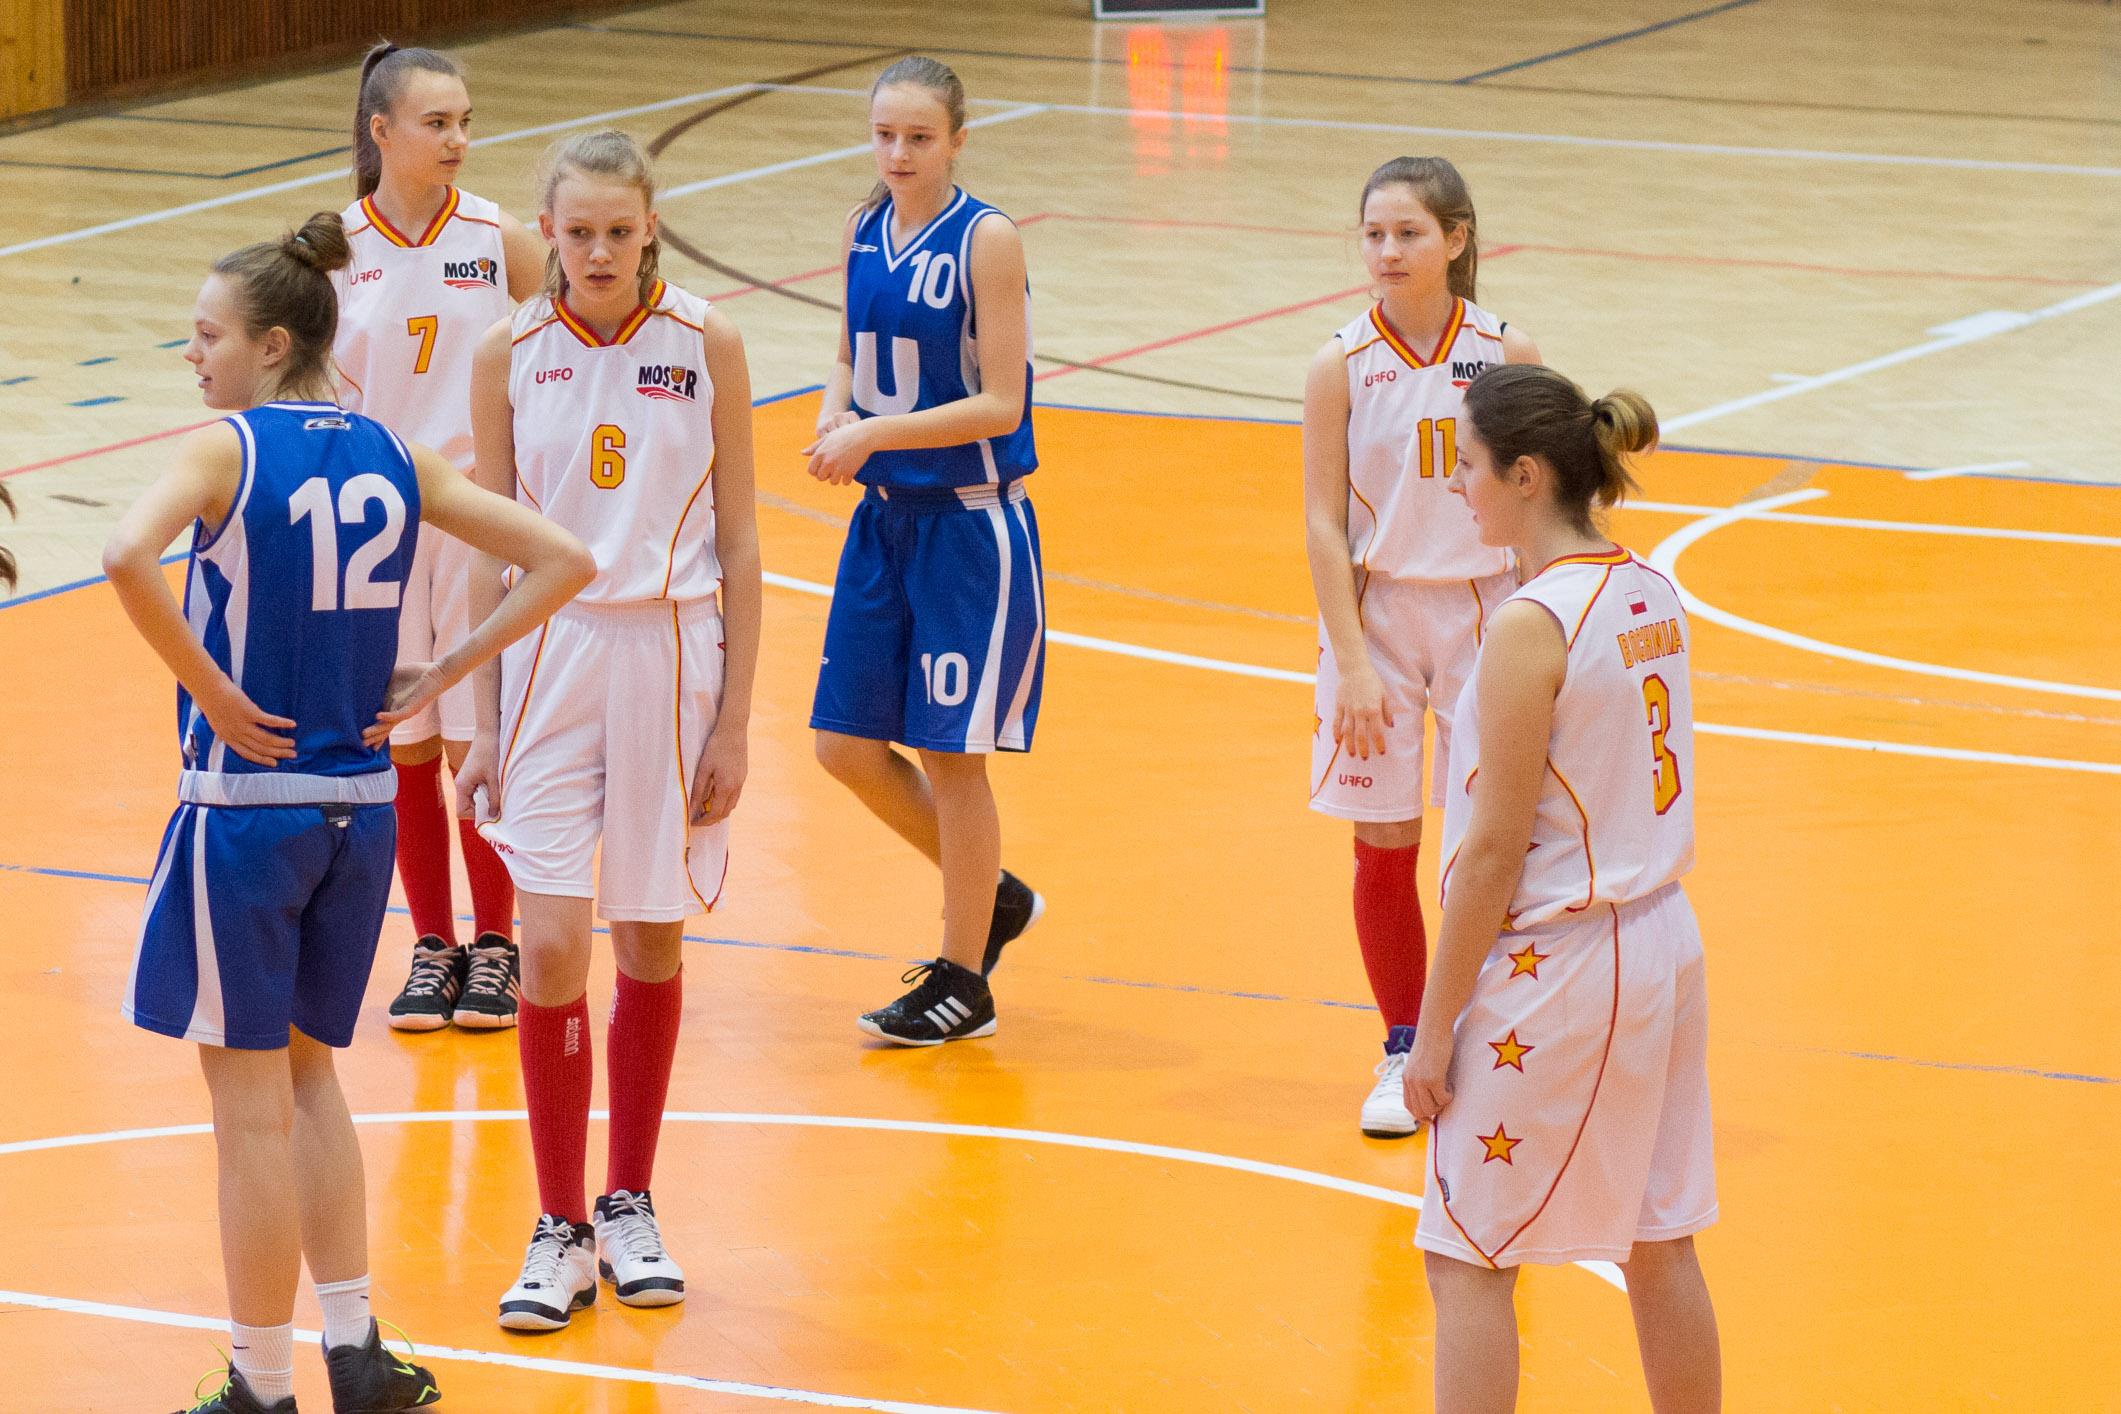 trojkralovy-basketbalovy-turnaj-2014-zvolen-19